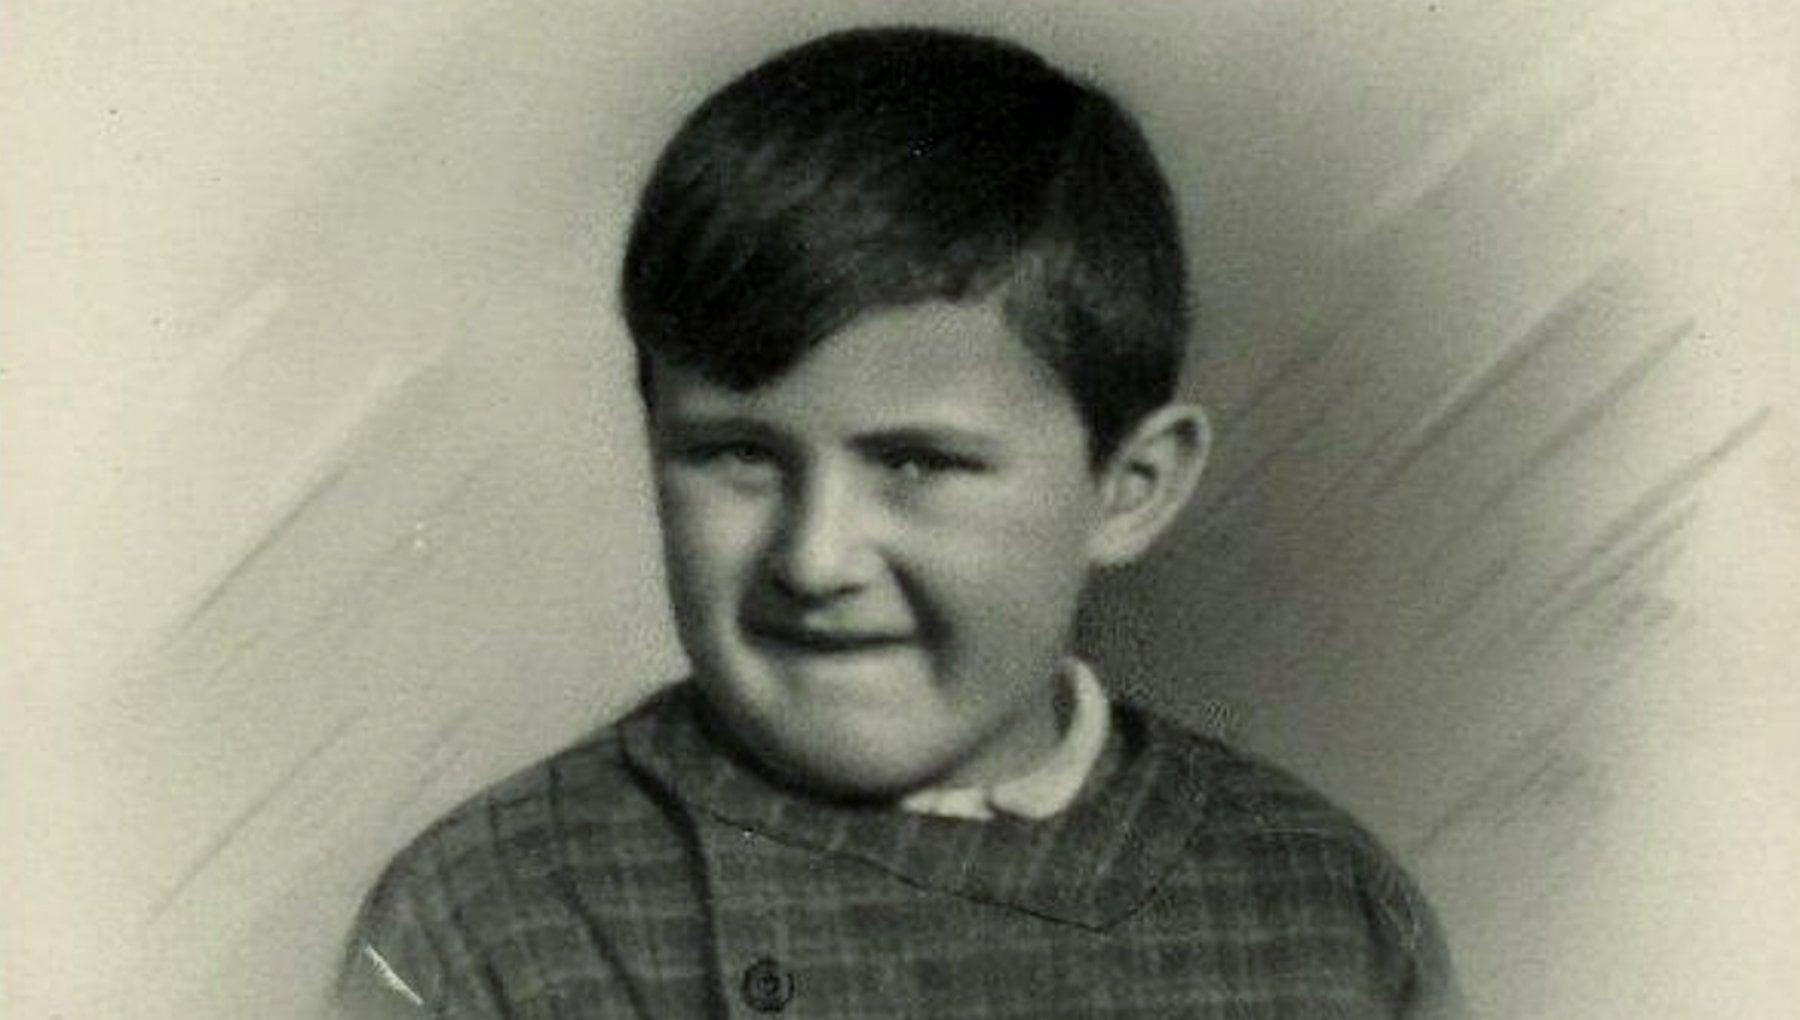 In ricordo di Marcel Pinte eroe della Resistenza a sei anni